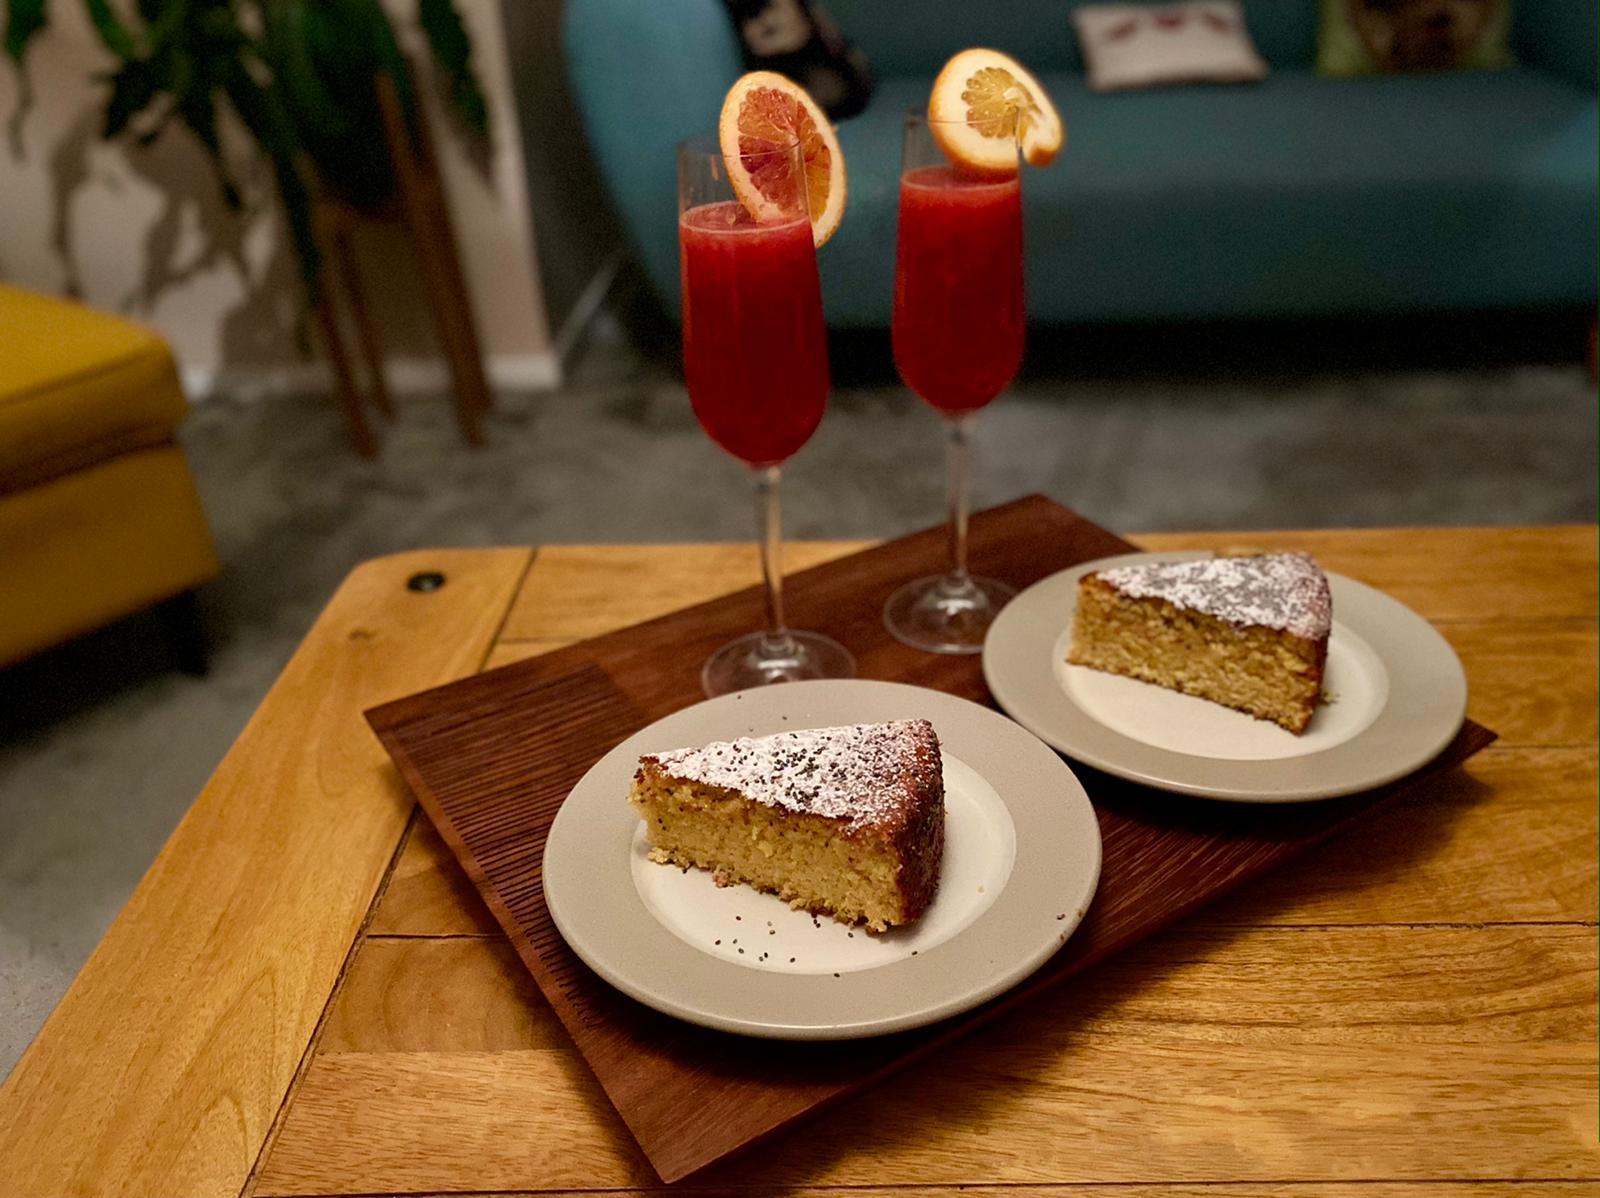 Blood_orange_cake.jpg